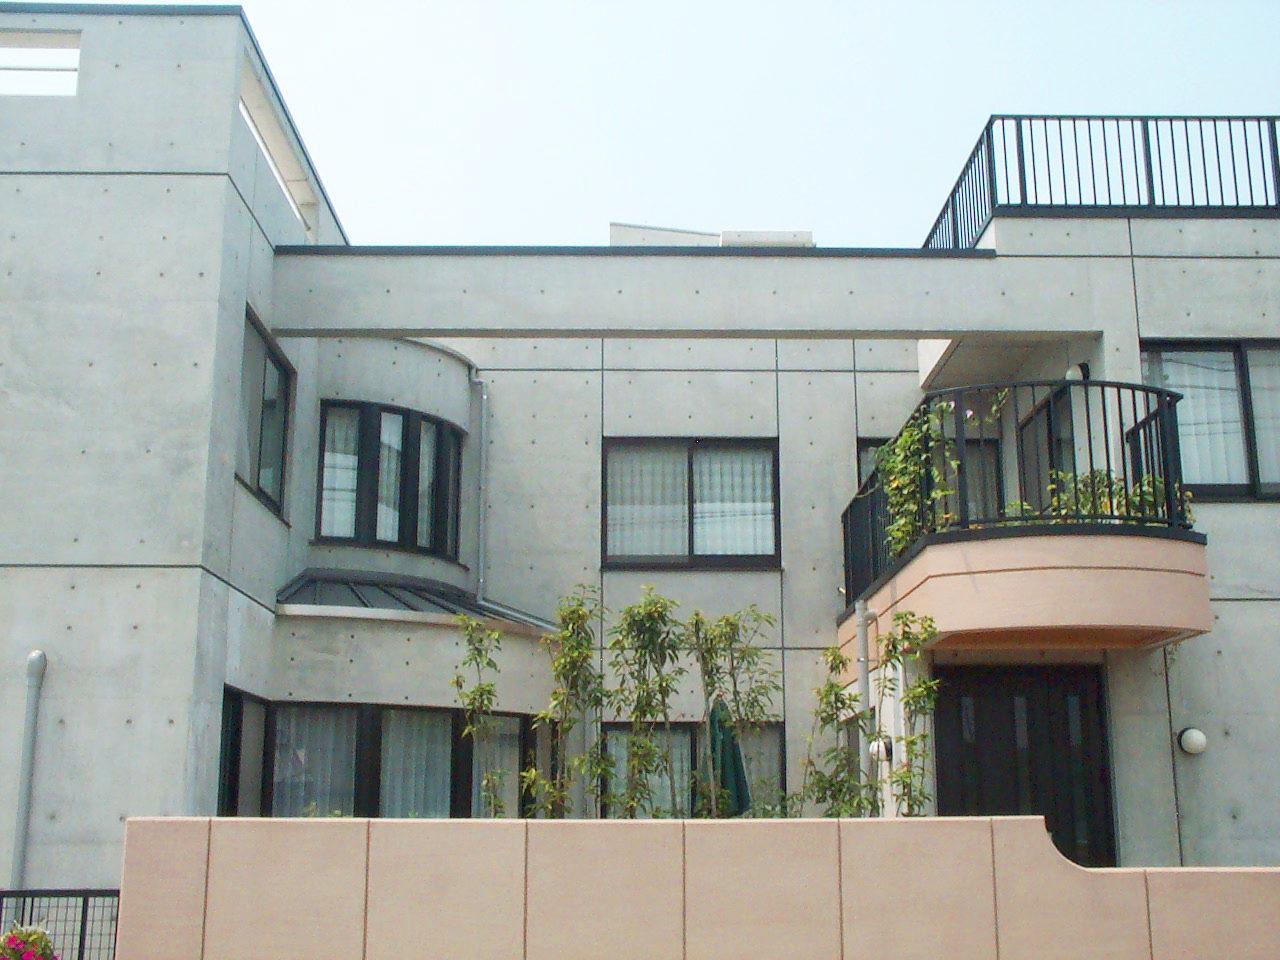 三世帯同居注文住宅の設計・デザインをしたバリアフリー鉄筋コンクリート造打ち放し住宅の中庭